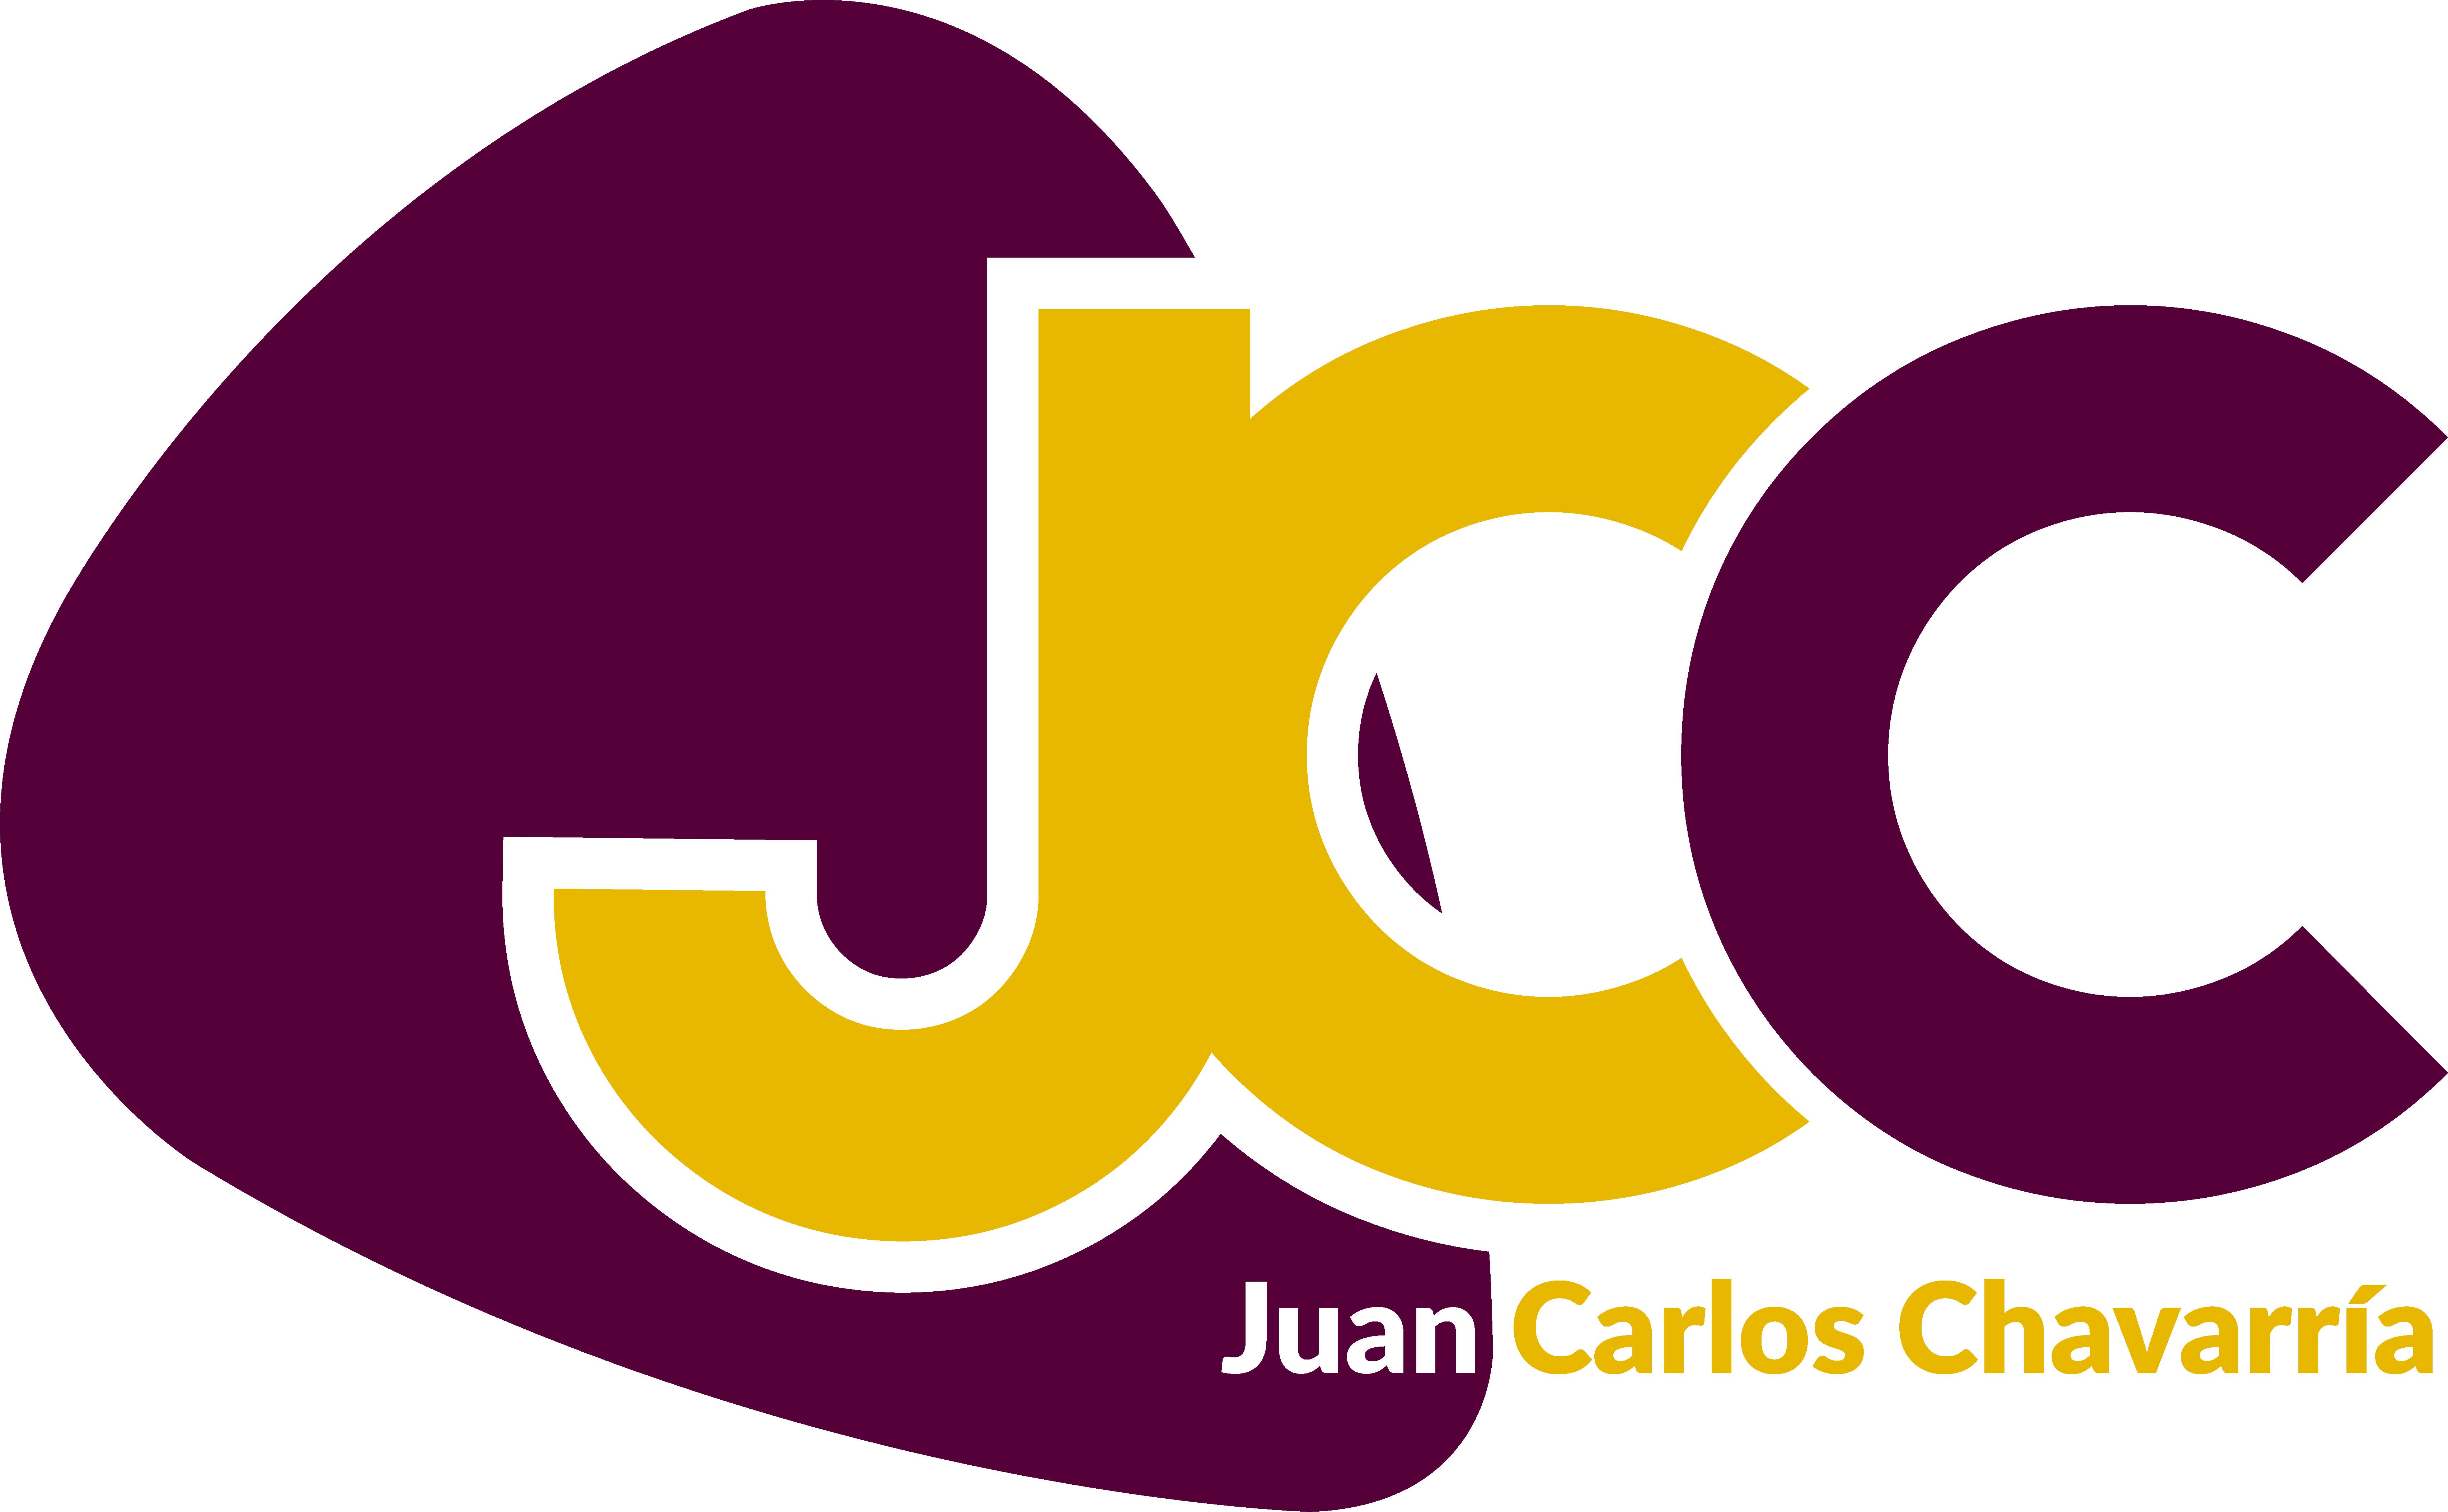 Juan Carlos Chavarría